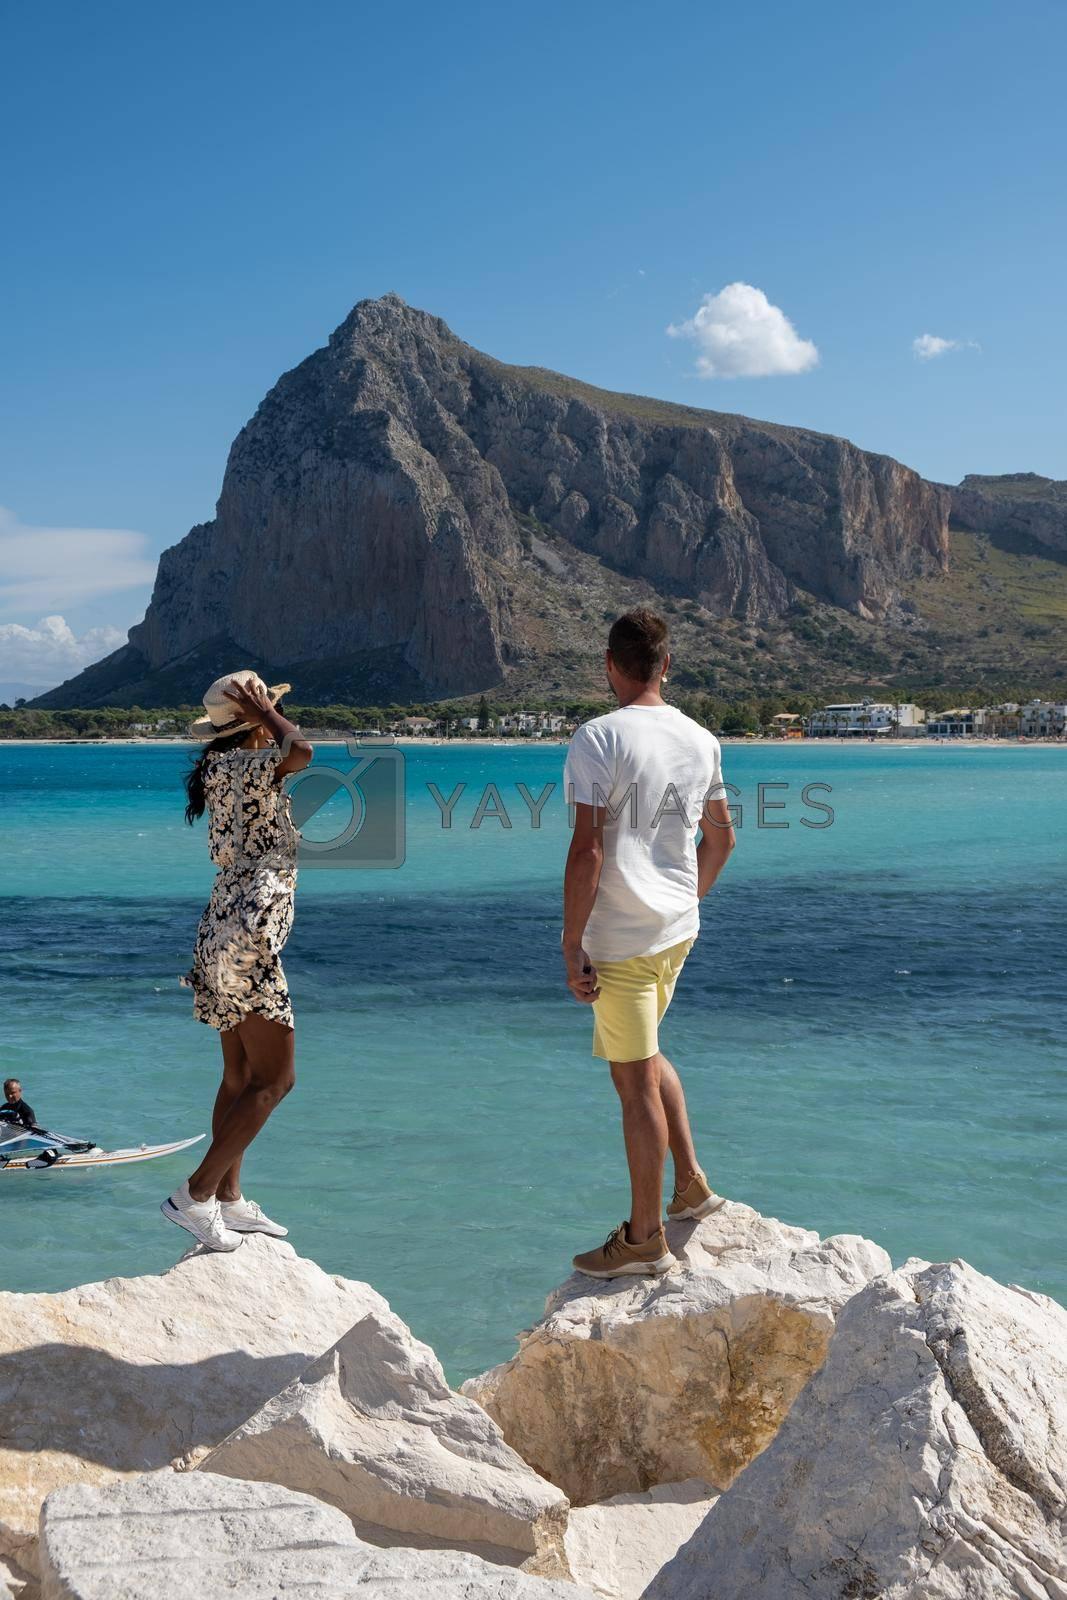 San Vito Lo Capo Sicily, San Vito lo Capo beach and Monte Monaco in background, north-western Sicily. High quality photo